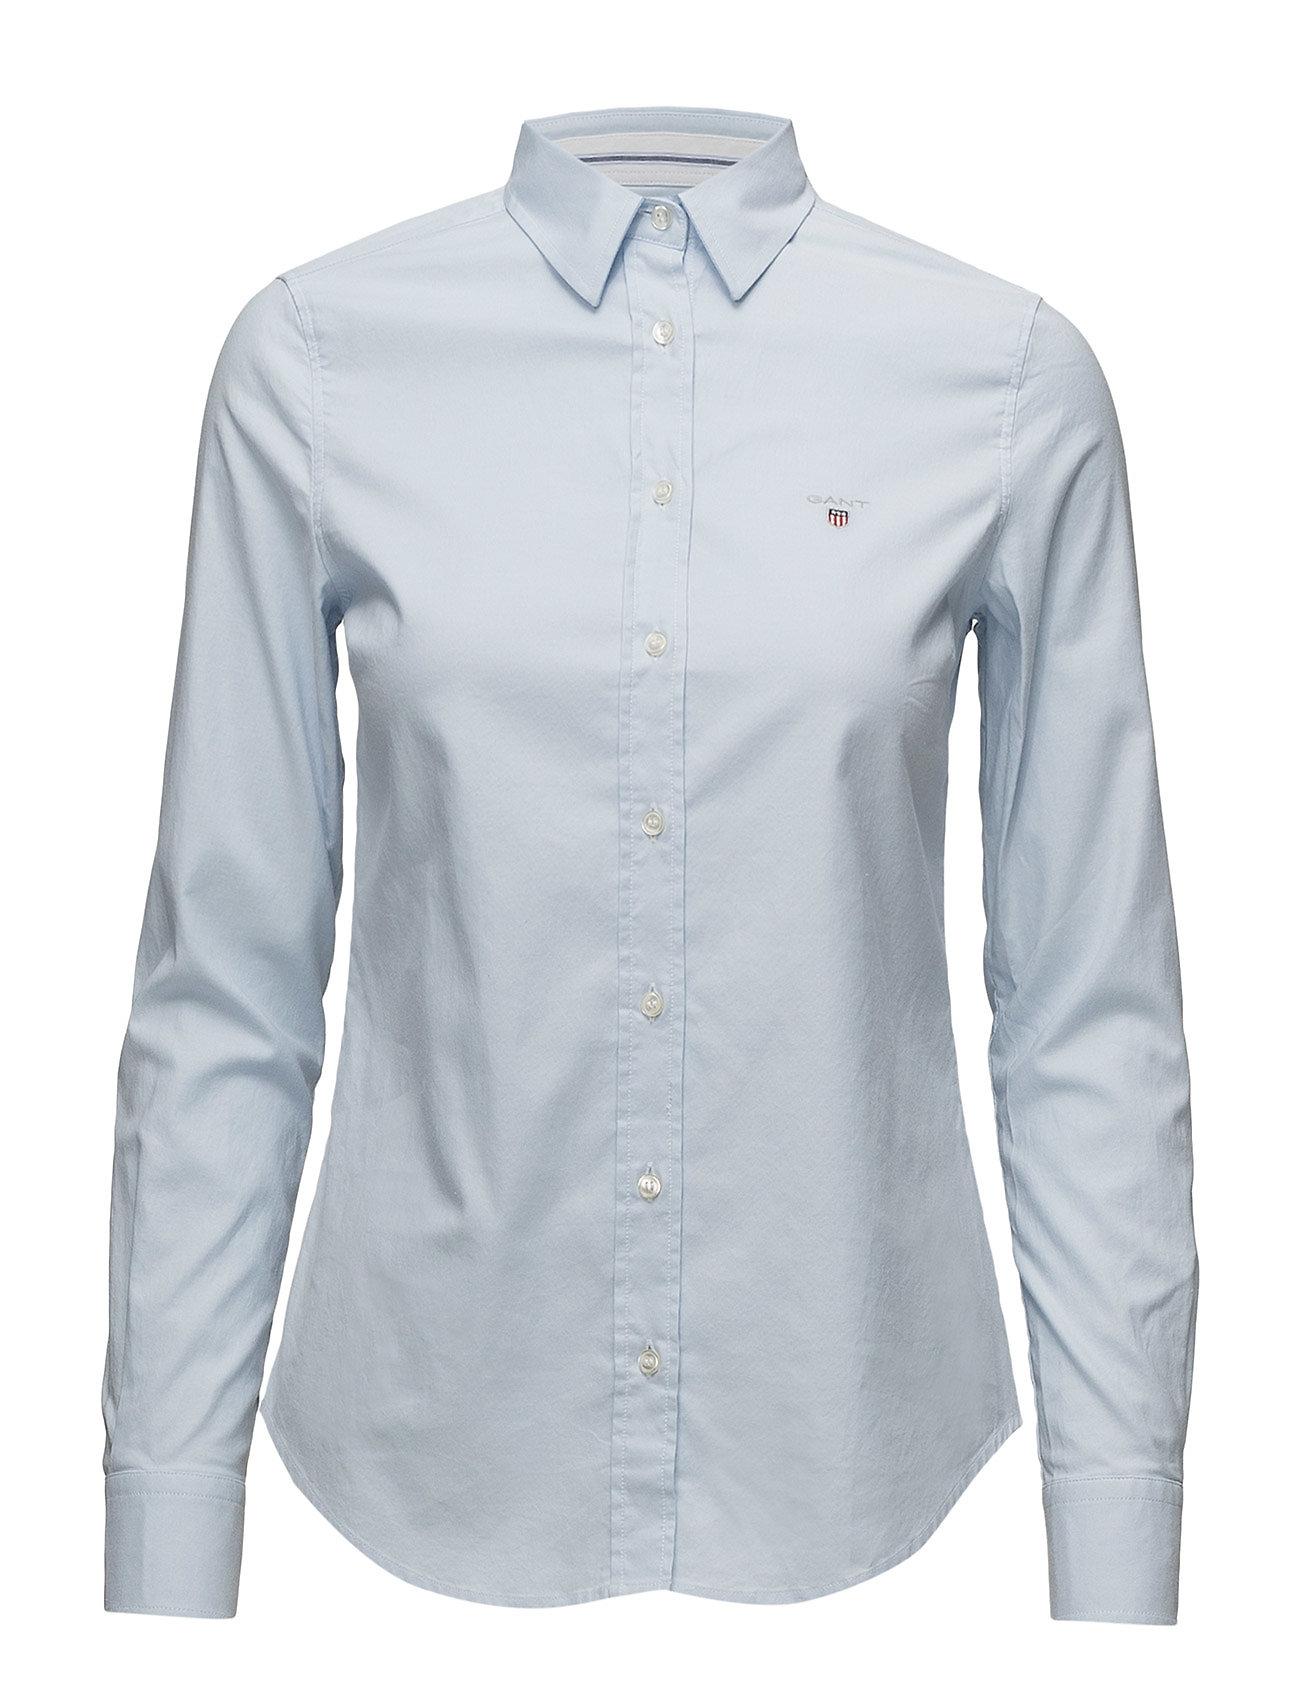 Image of Stretch Oxford Solid Slim Shirt Langærmet Skjorte Blå GANT (3117284251)